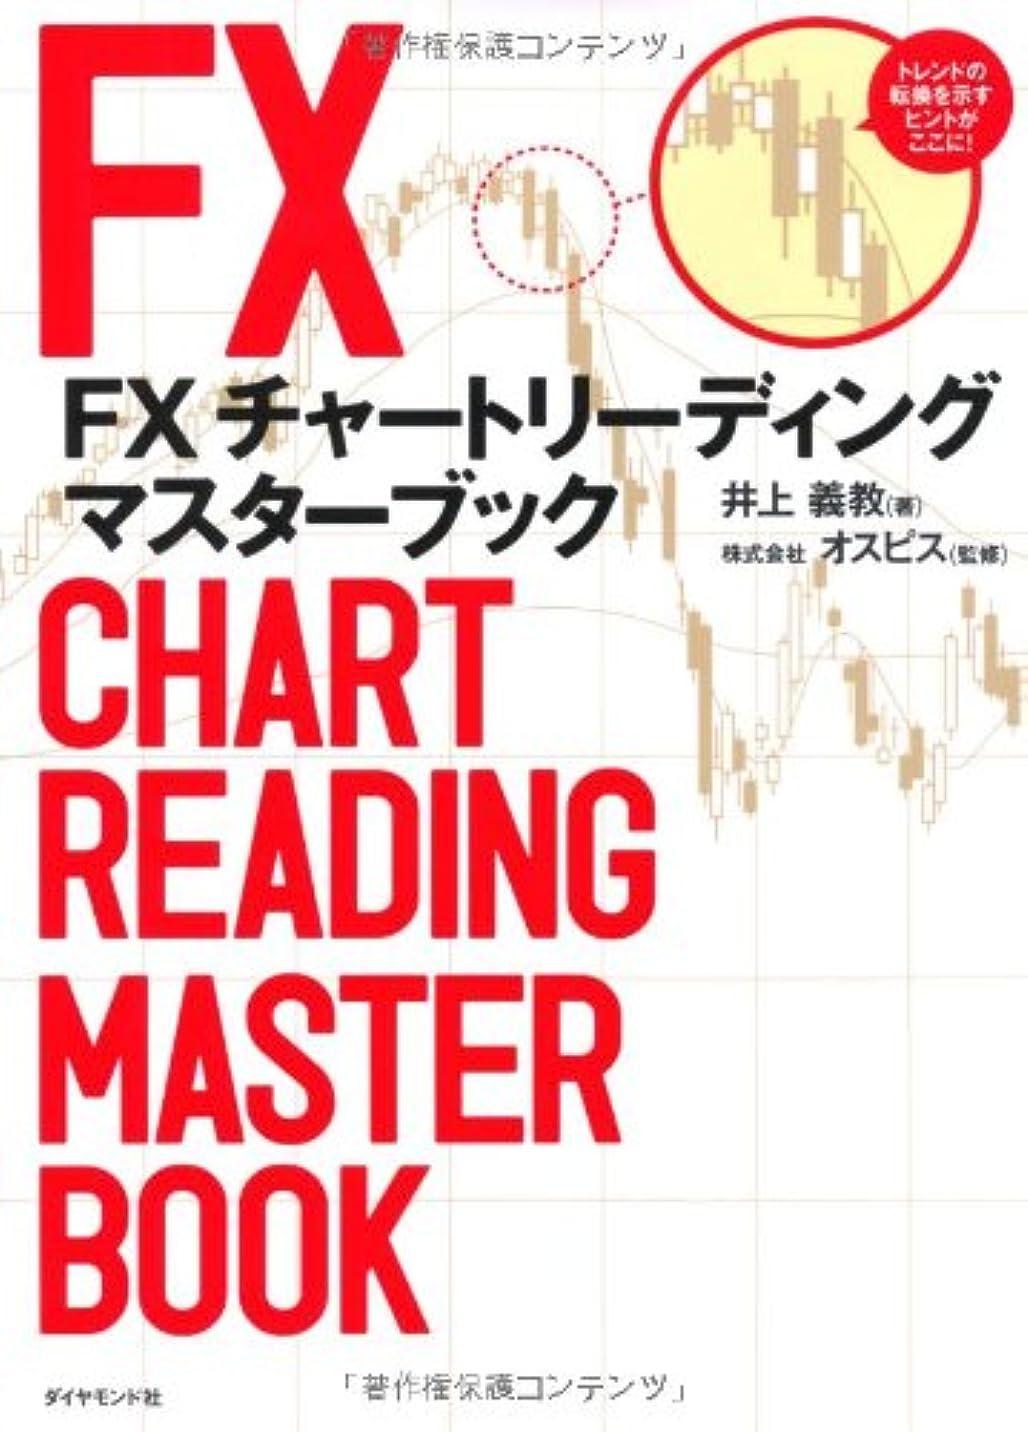 掘る砦上がるFX チャートリーディング マスターブック ~為替のプロが実践する本当に勝てるワザを大公開!